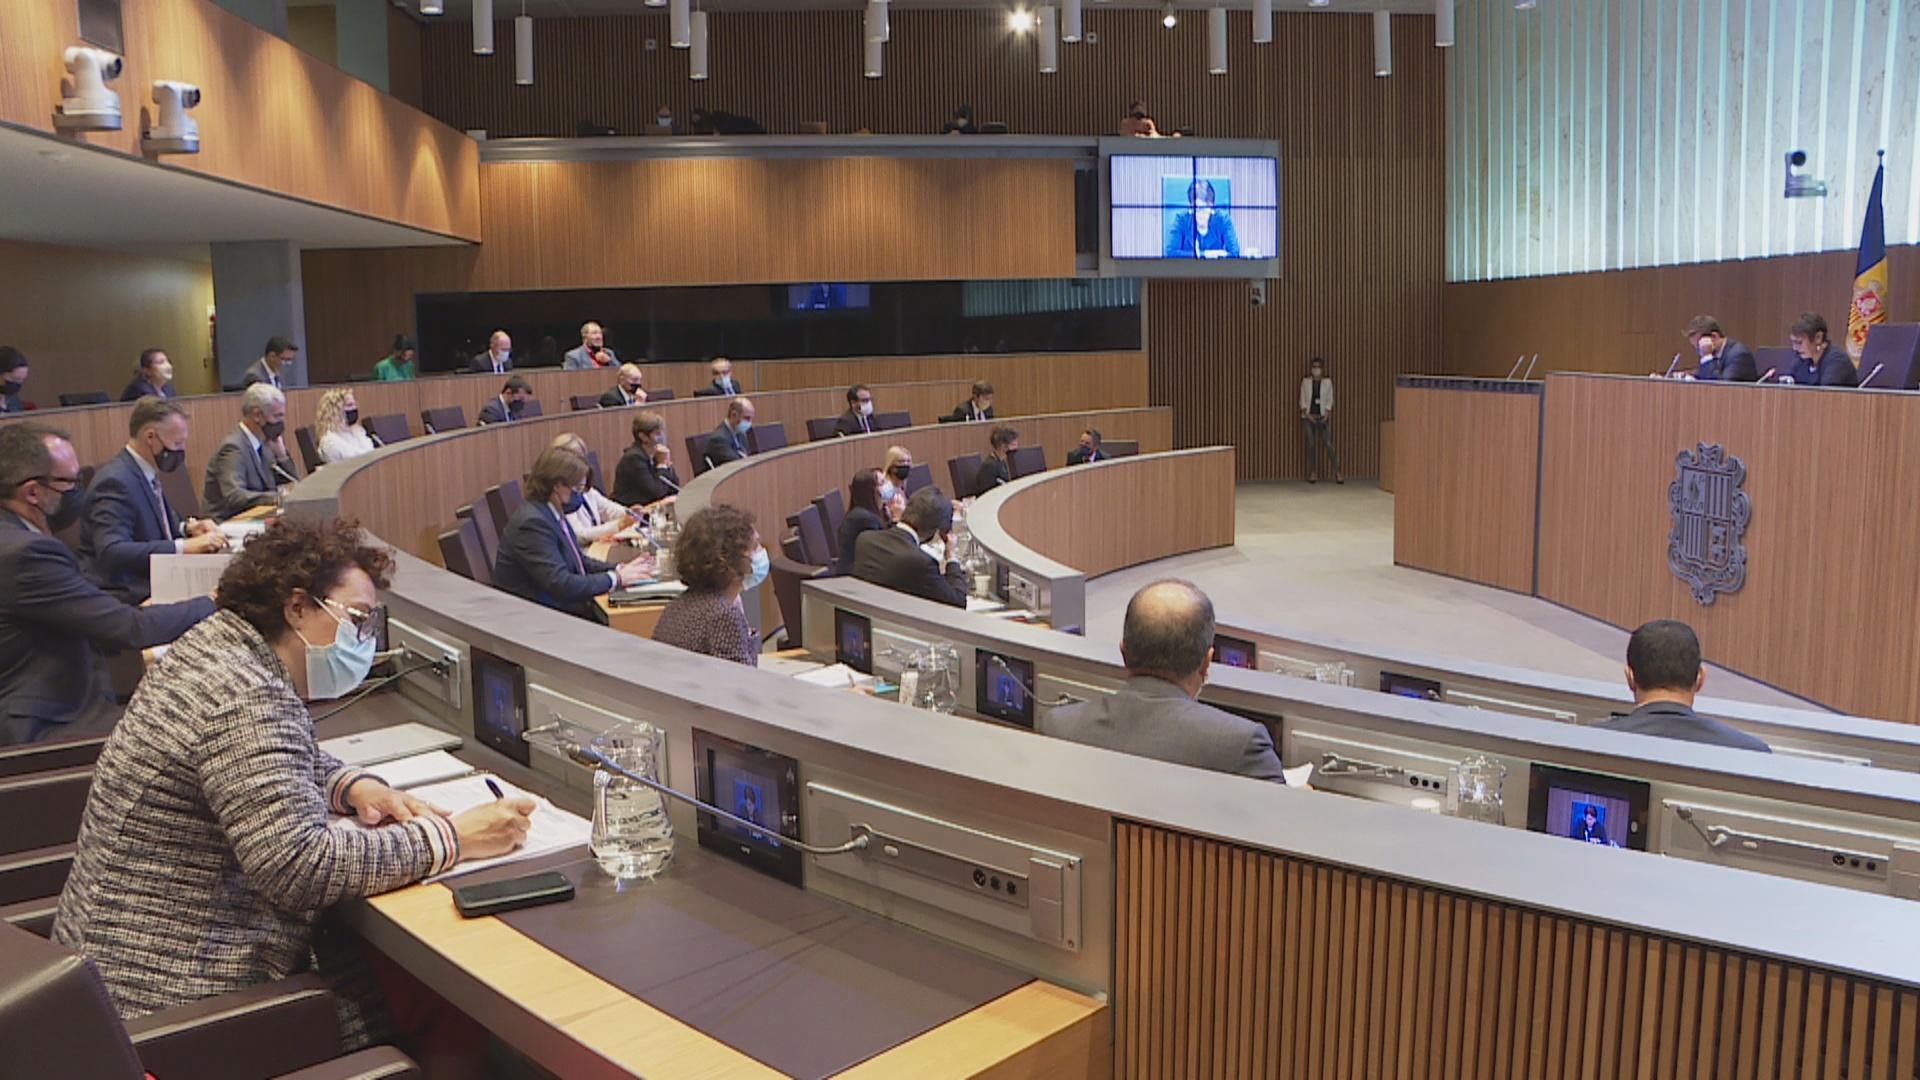 El Consell demana al Govern un debat sobre el marc fiscal, la nova llei d'infermeria i accelerar les accions per fomentar el transport públic